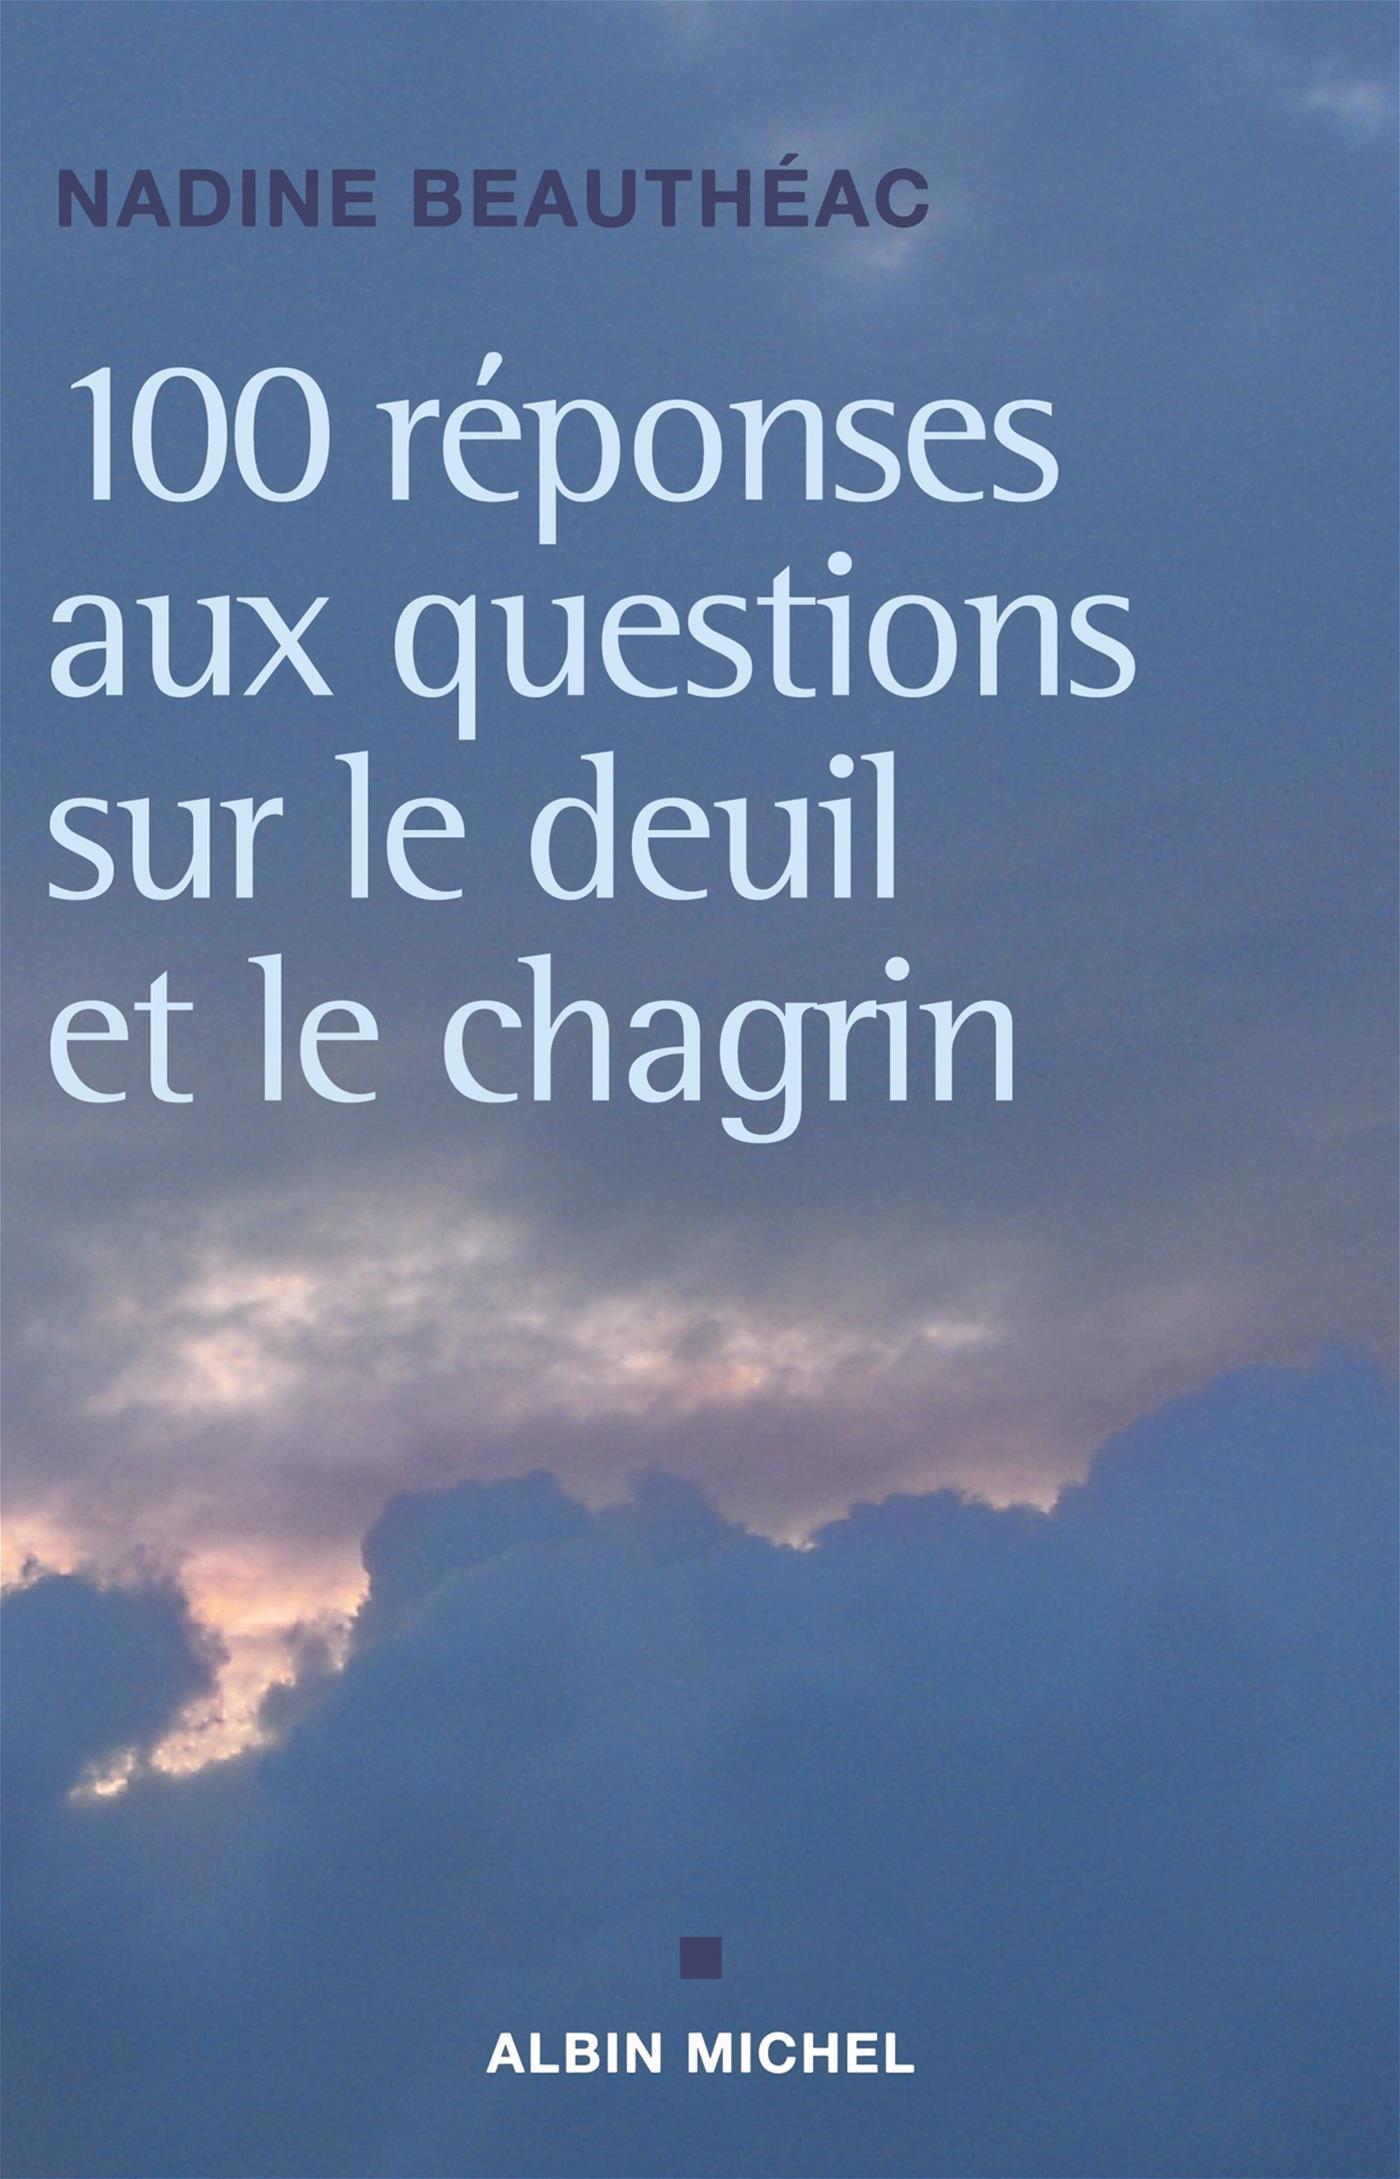 100 réponses aux questions sur le deuil et le chagrin